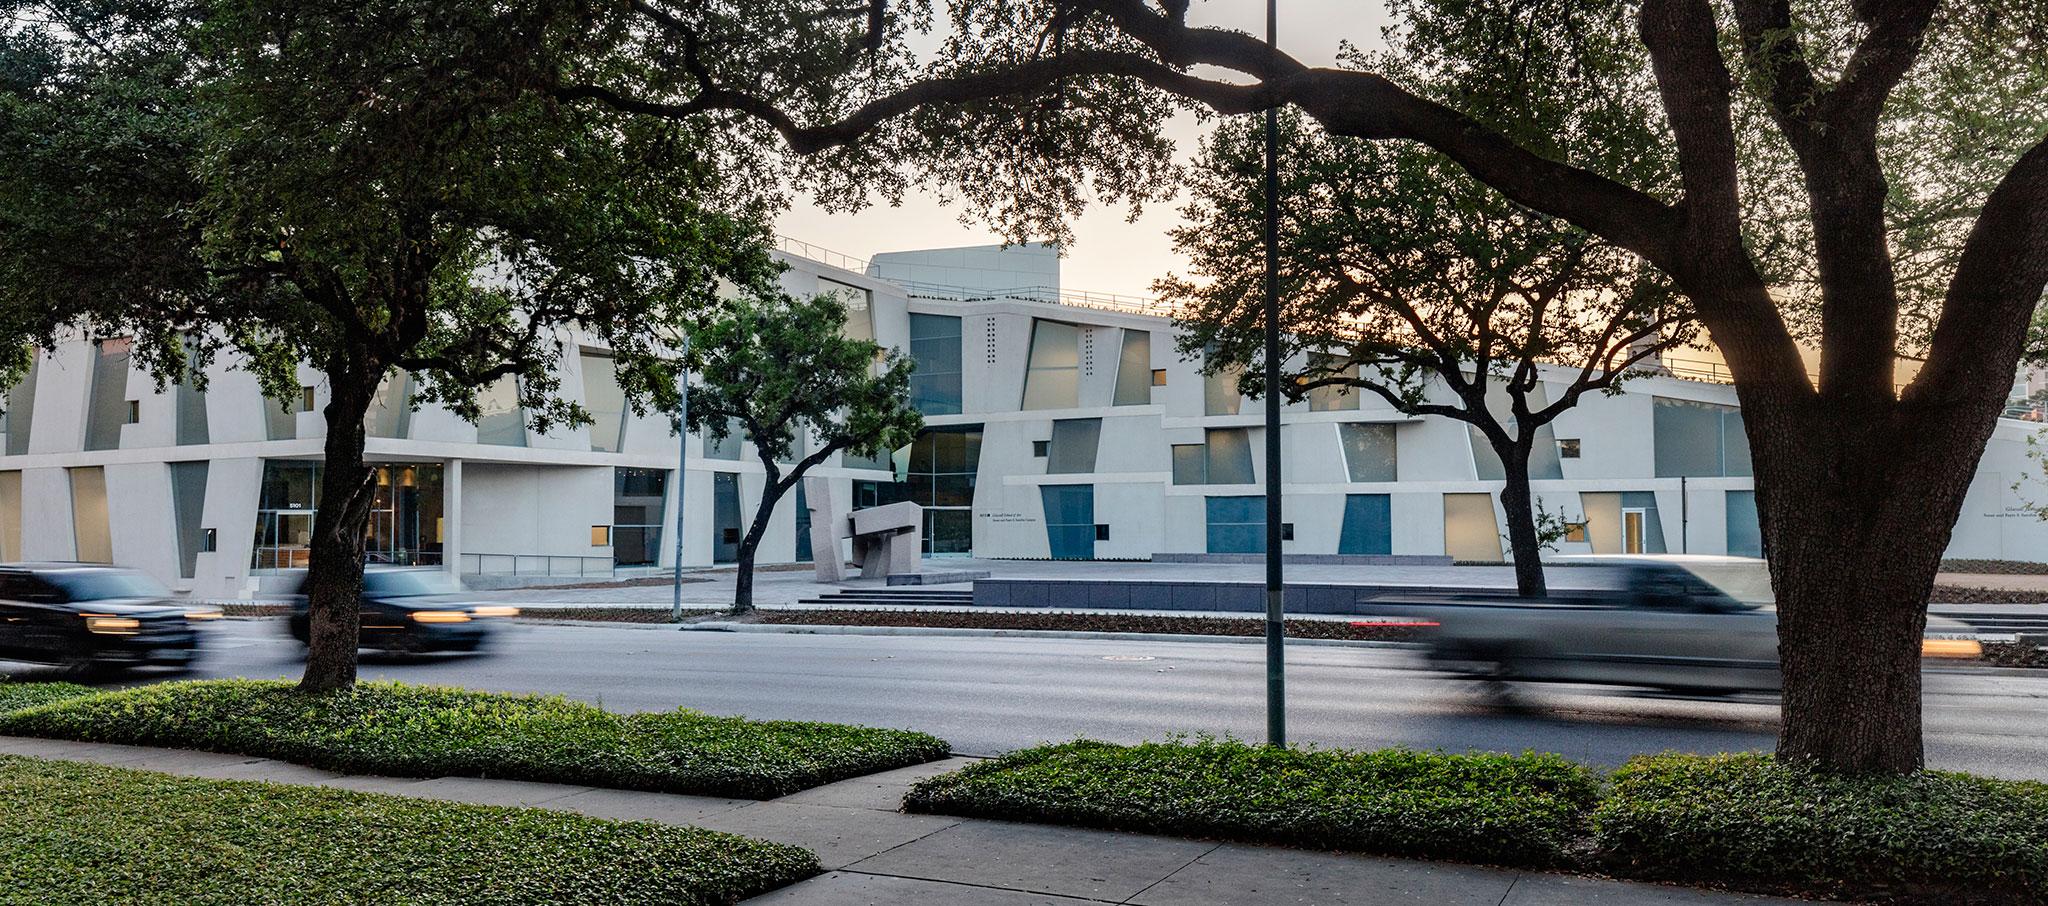 Glassell School of Art, MFAH, por Steven Holl Archiects. Fotografía por Richard Barnes